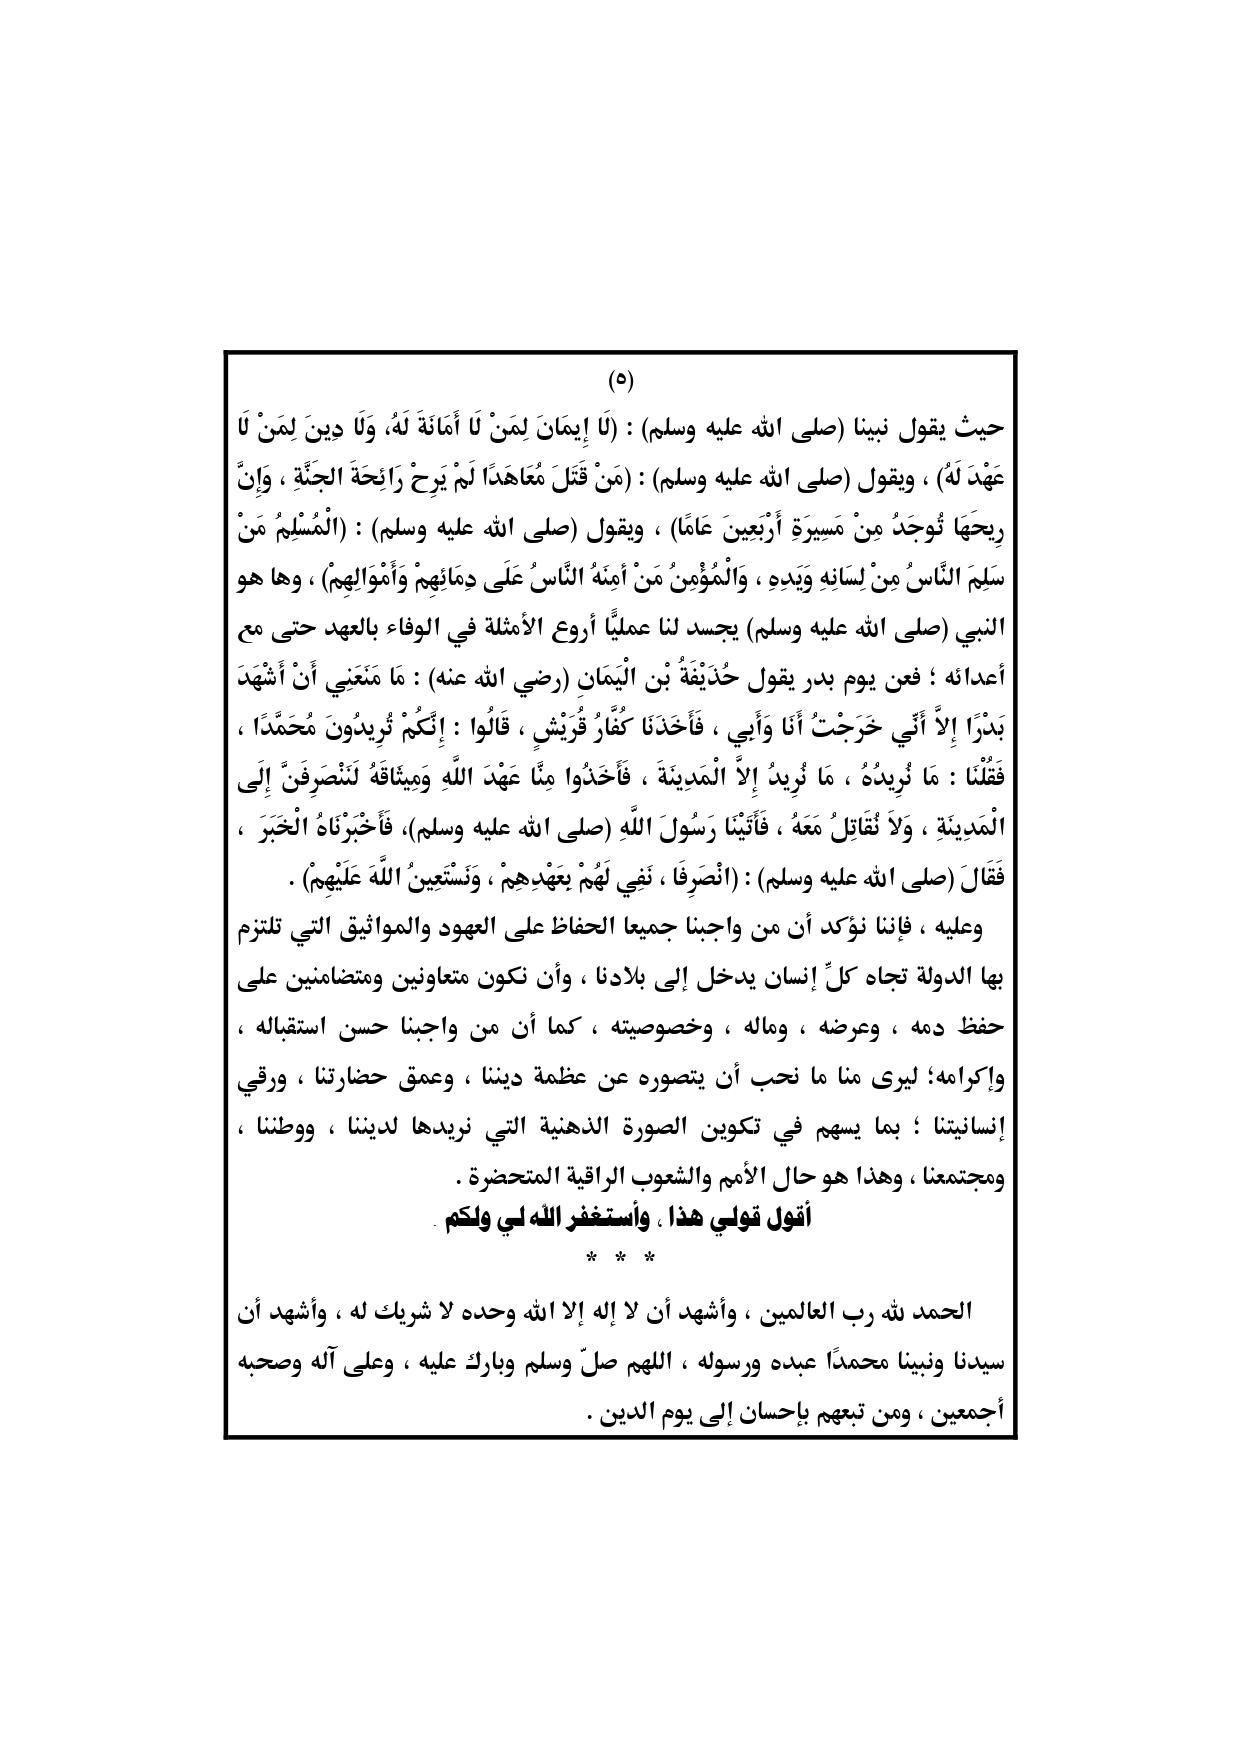 الخطبة الثانية لوزارة الأوقاف المصرية pdf